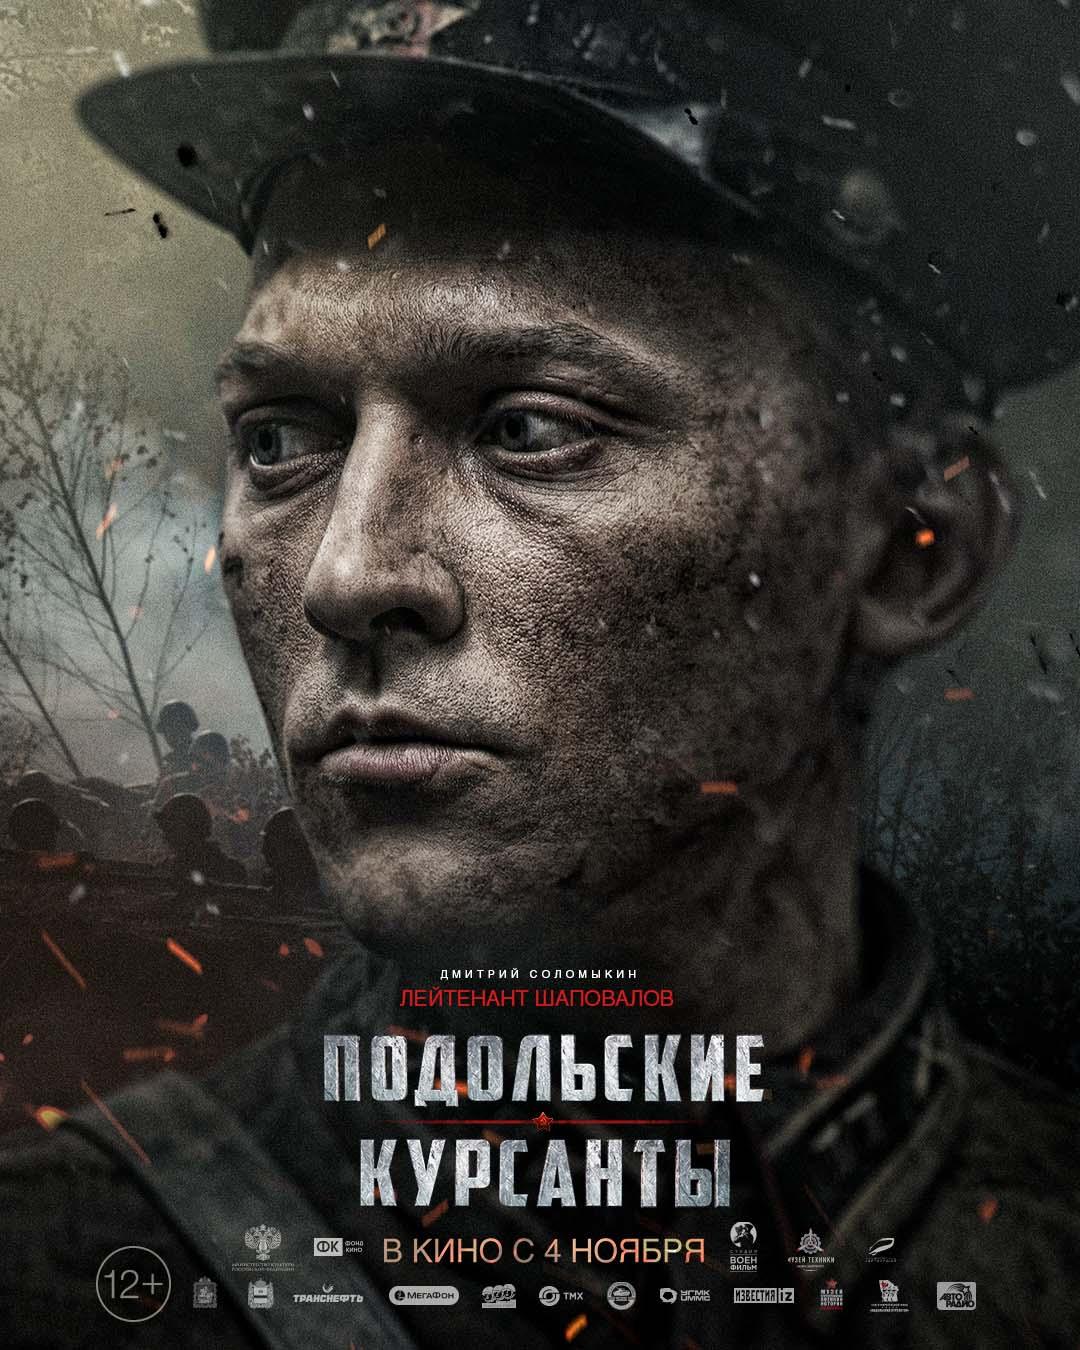 Подольские курсанты 2020 Персонажный постер 13